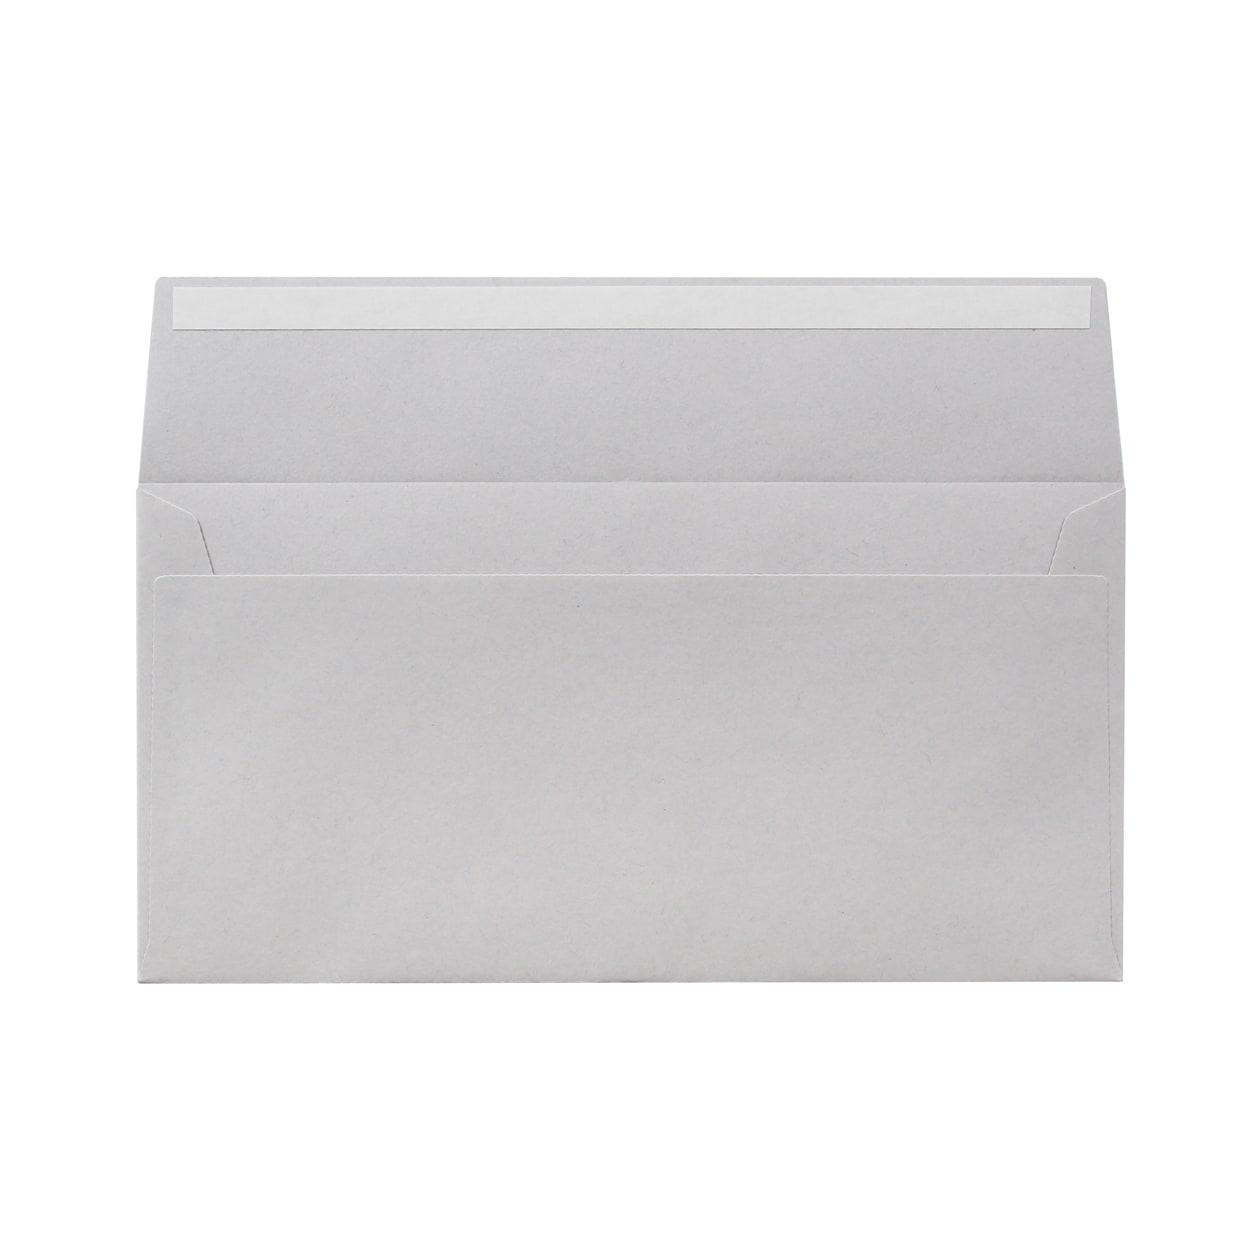 サンプル 封筒・袋 00164